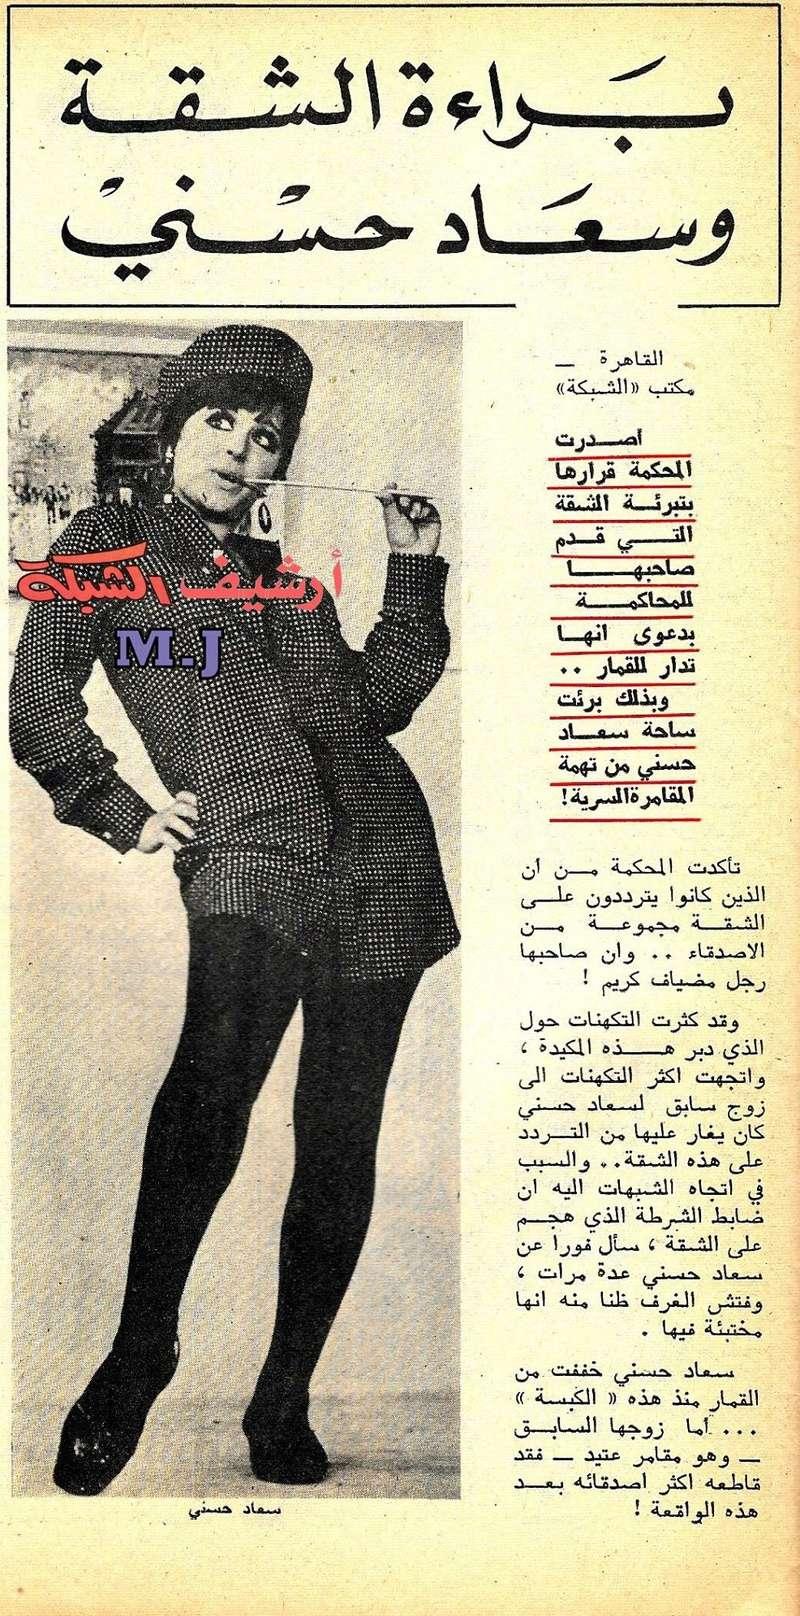 خبر صحفي : براءة الشقة وسعاد حسني 1969 م Y_oi_u10